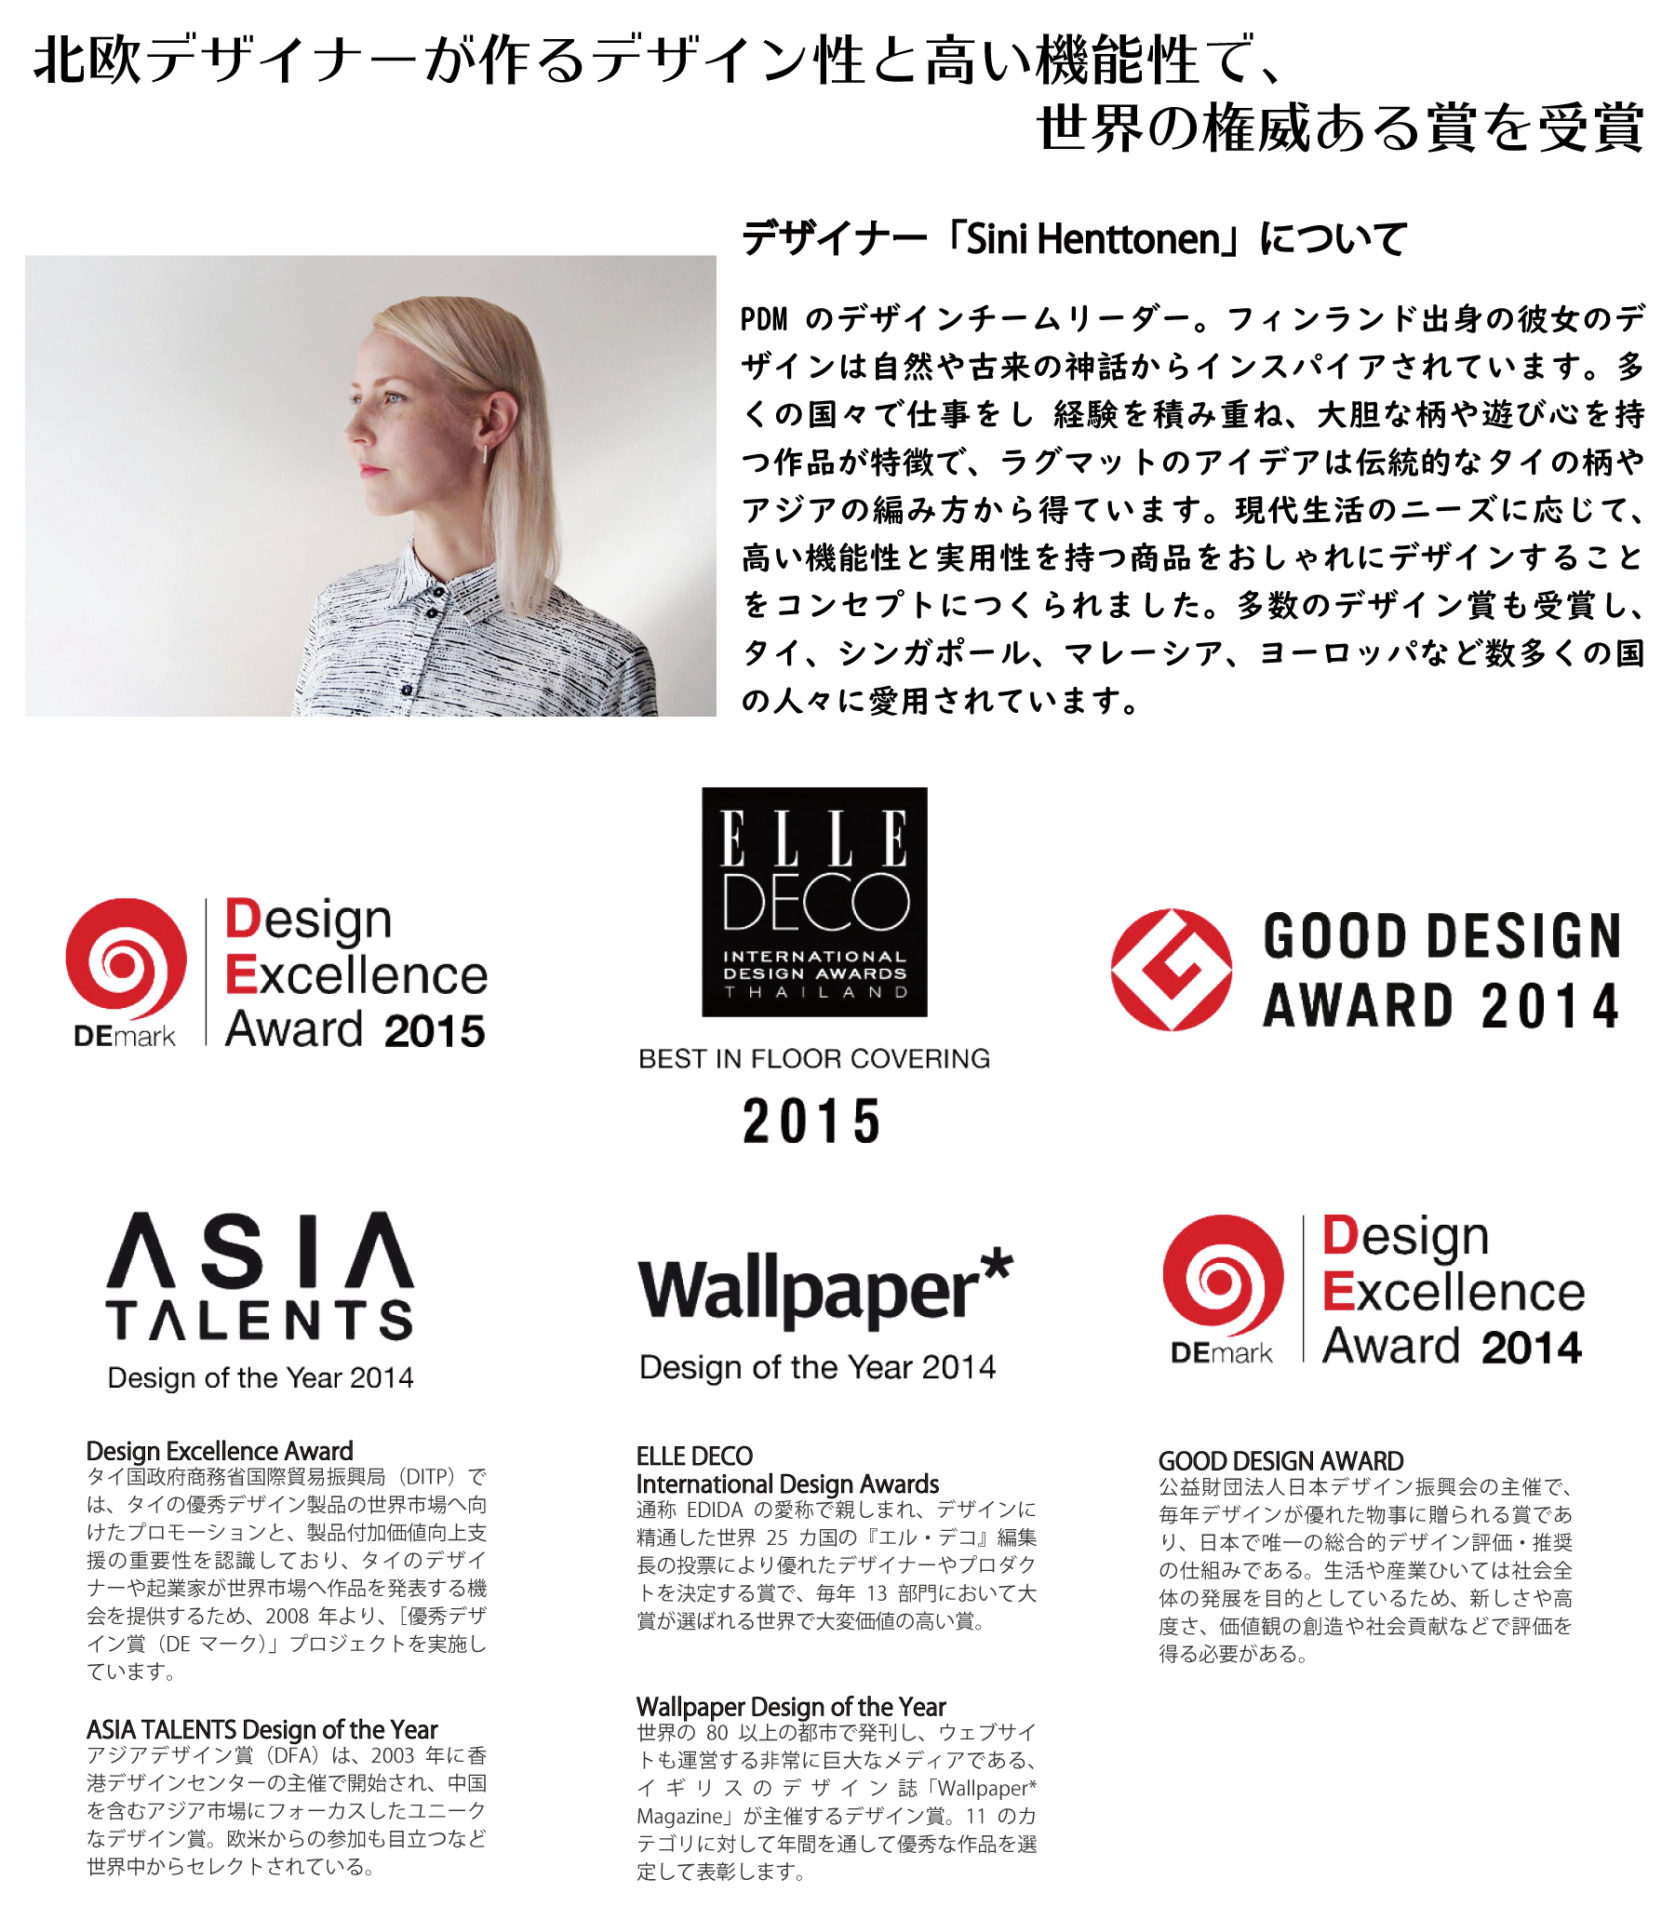 北欧デザイナーが作るデザイン性と高い機能性で、世界の権威ある賞を受賞PDMのデザインチームリーダー。フィンランド出身の彼女のデザインは自然や古来の神話からインスパイアされています。多くの国々で仕事をし 経験を積み重ね、大胆な柄や遊び心を持つ作品が特徴で、ラグマットのアイデアは伝統的なタイの柄やアジアの編み方から得ています。現代生活のニーズに応じて、高い機能性と実用性を持つ商品をおしゃれにデザインすることをコンセプトにつくられました。多数のデザイン賞も受賞し、タイ、シンガポール、マレーシア、ヨーロッパなど数多くの国の人々に愛用されています。